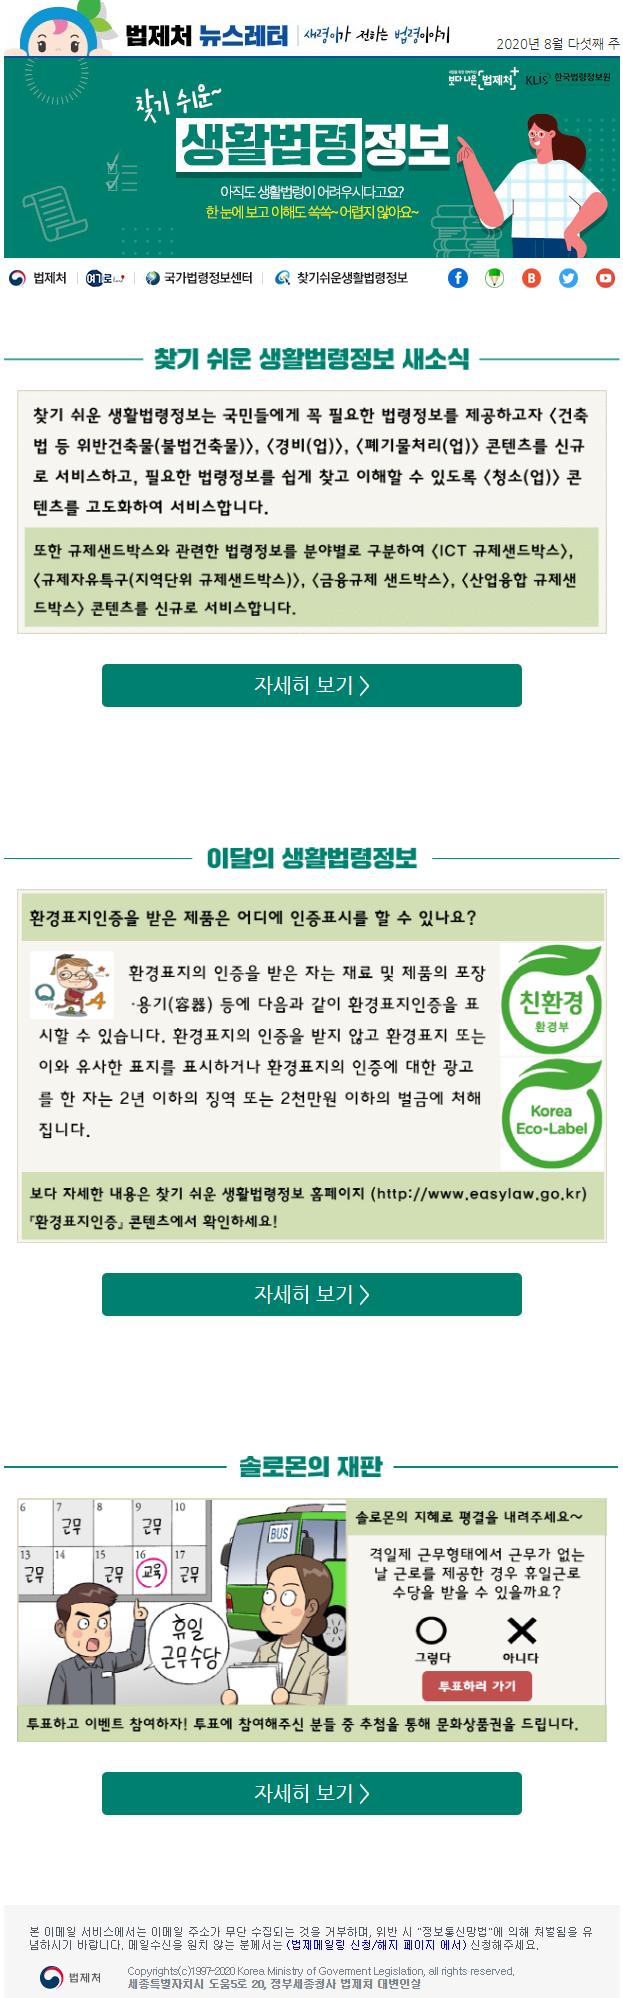 2020년 8월 찾기 쉬운 생활법령정보 뉴스레터